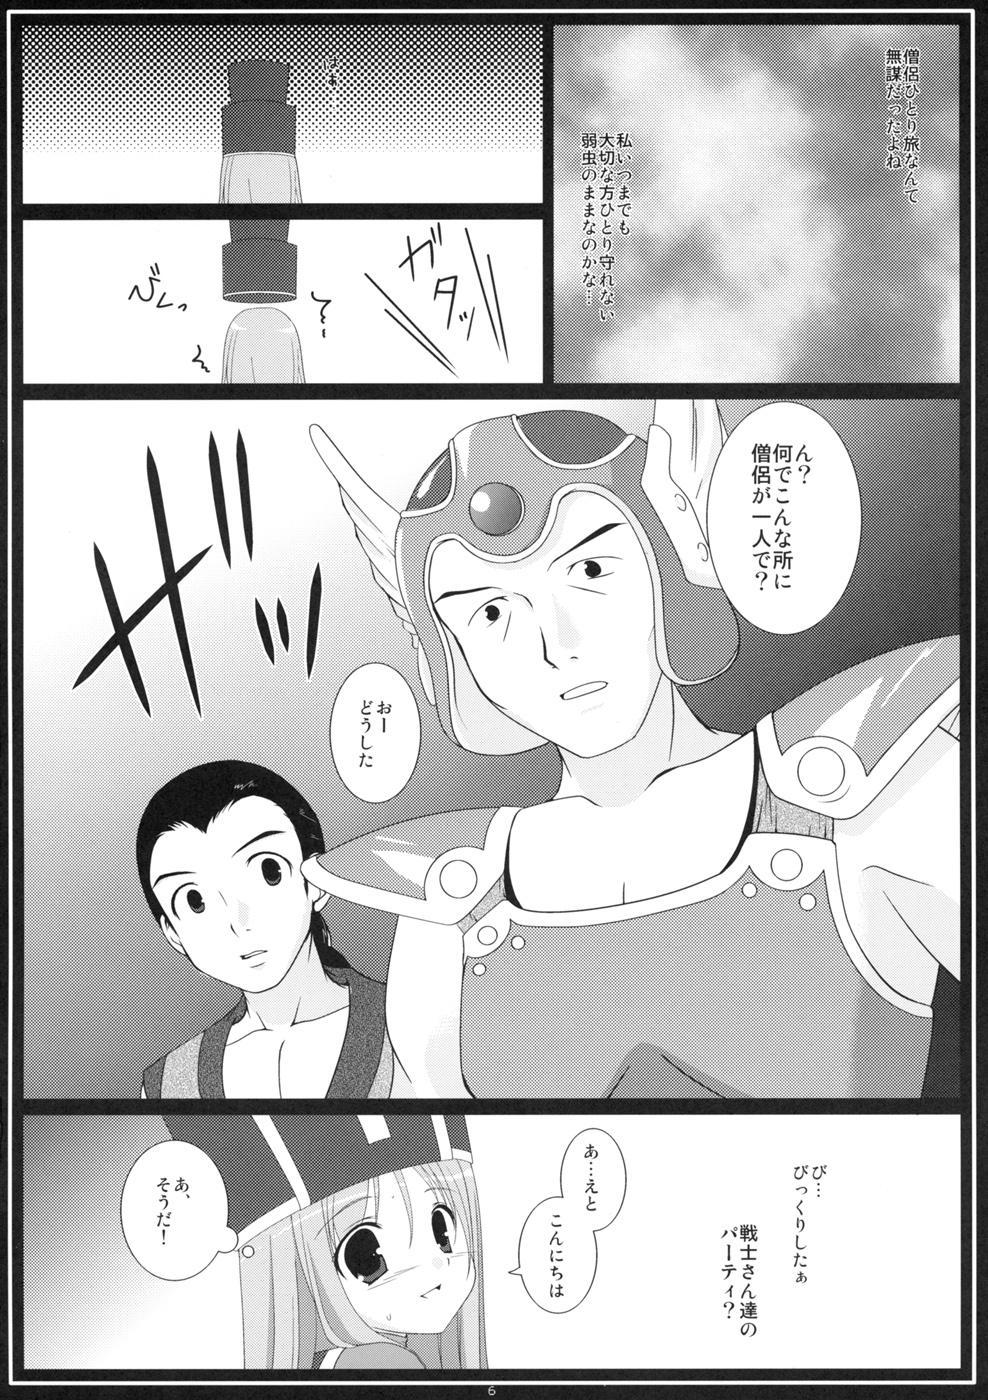 Rakugetsu Okuryou 5